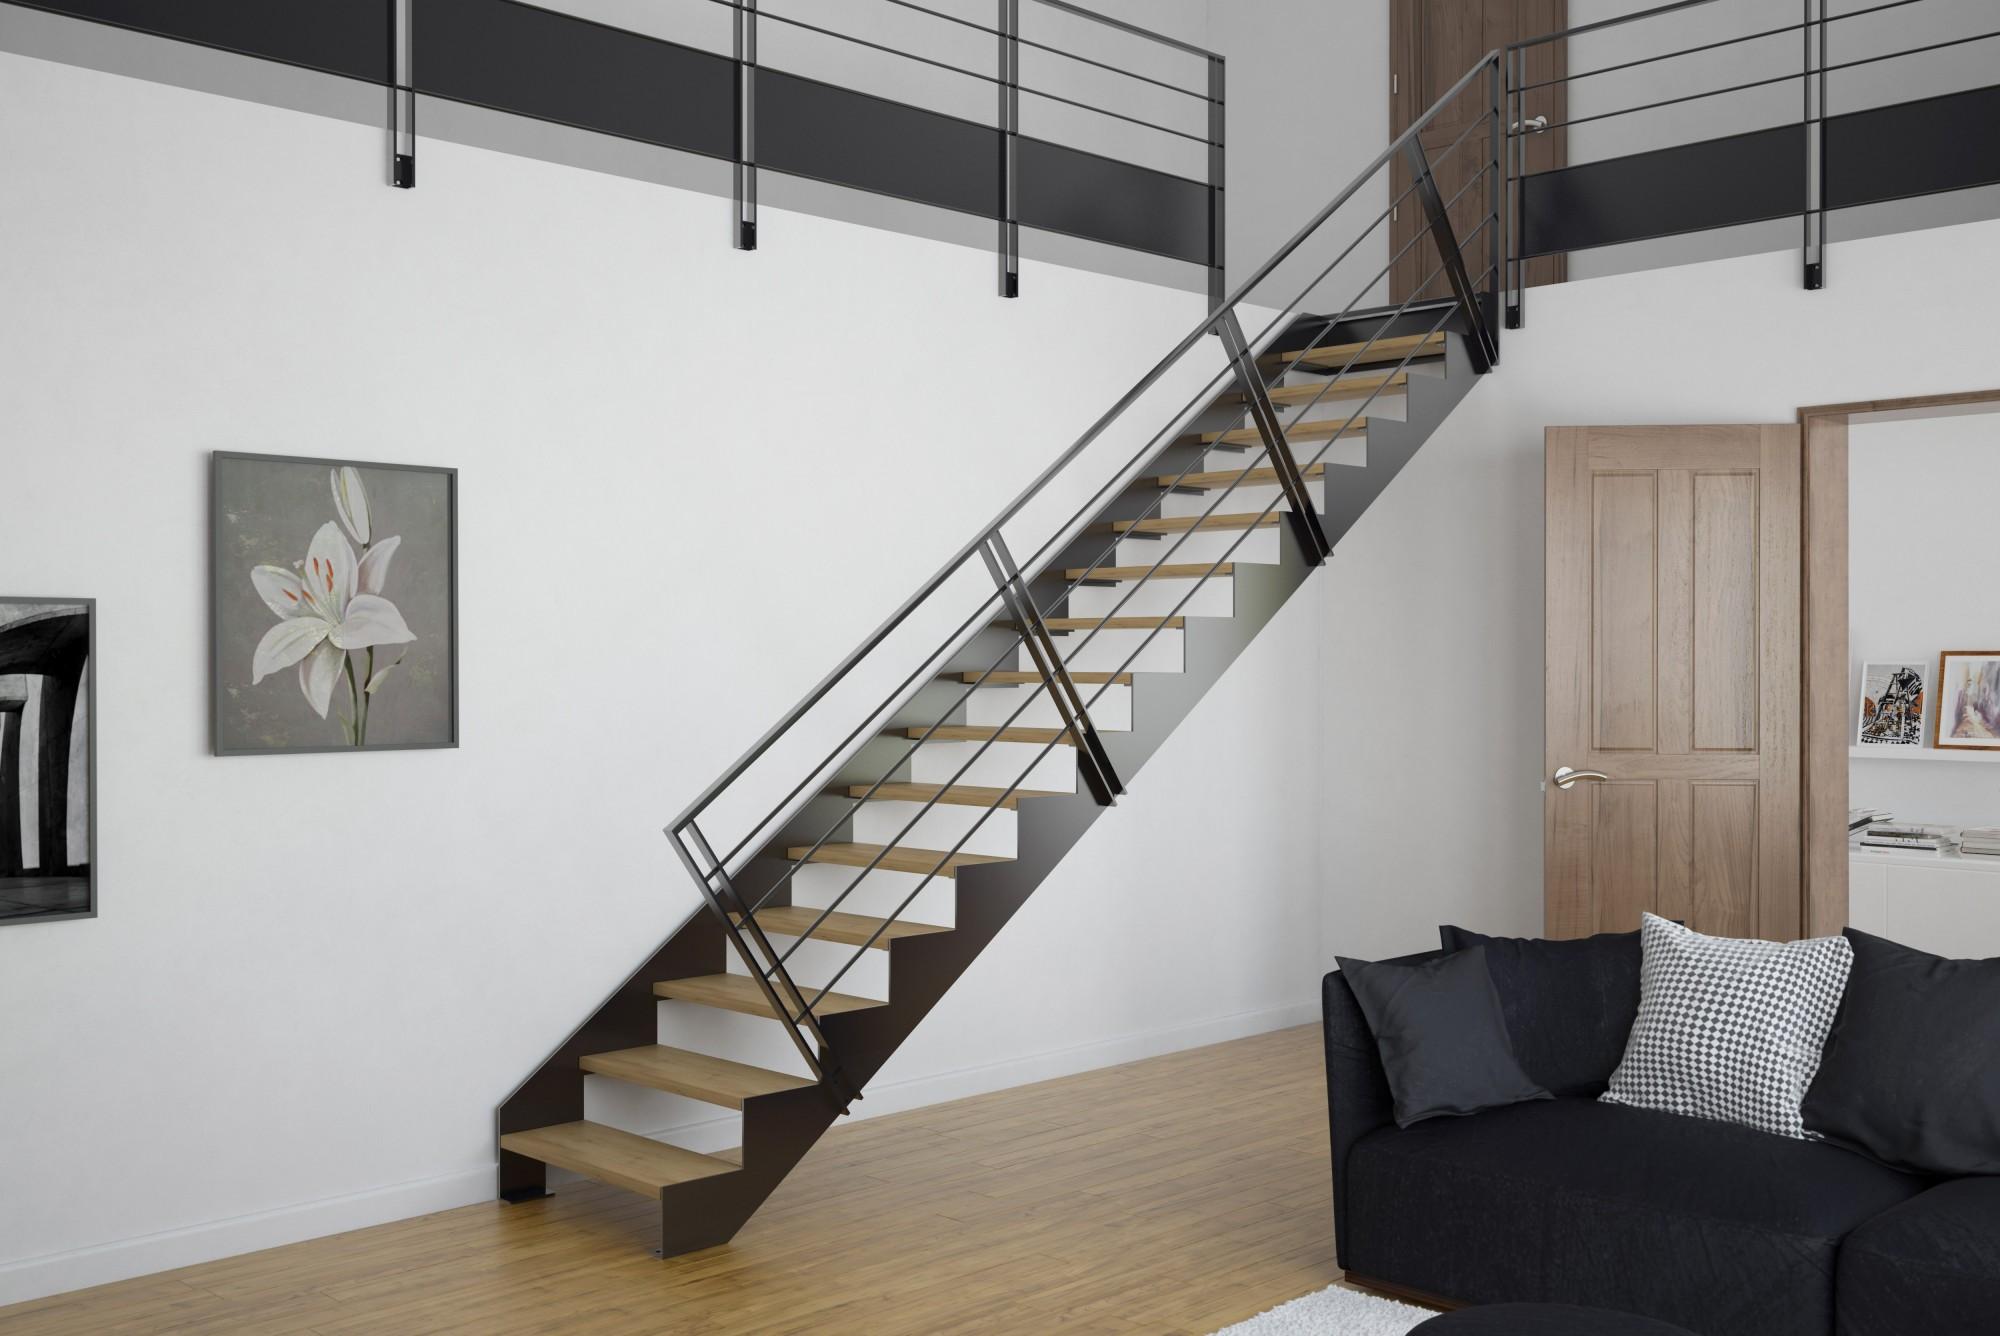 fabricant d'escaliers surmesure pas cher en auvergne